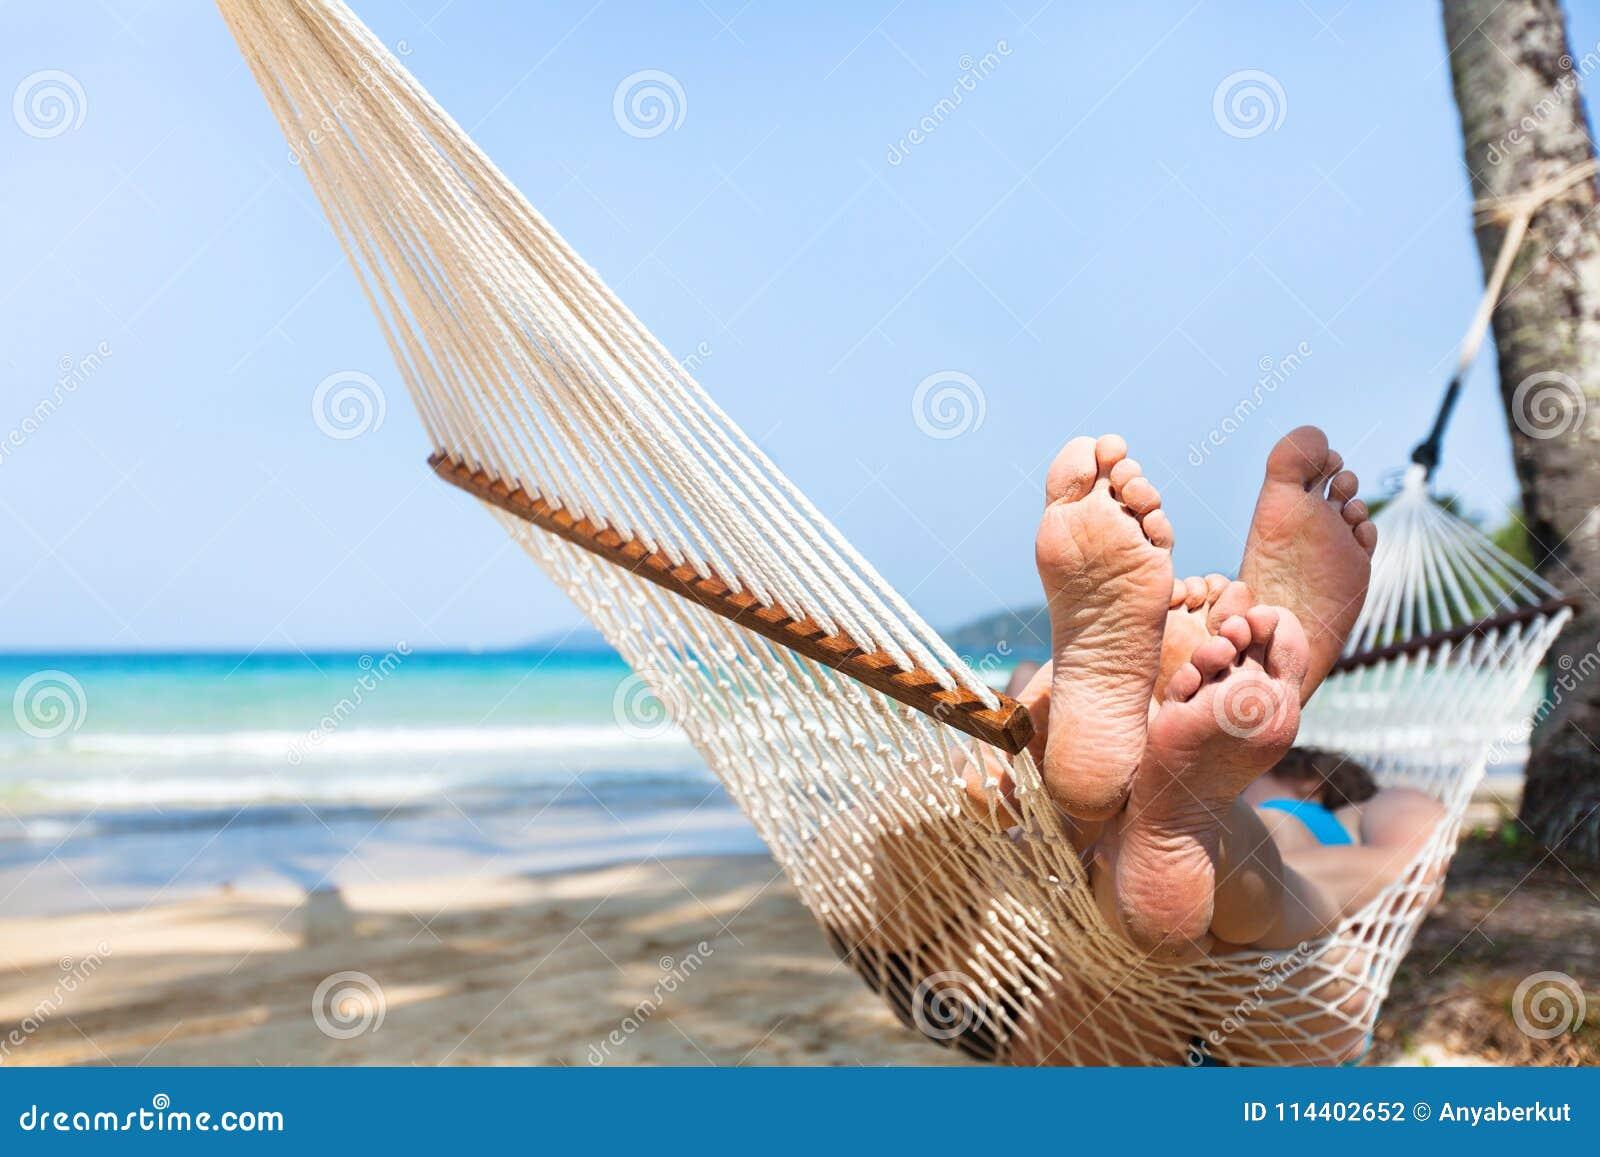 在吊床的愉快的夫妇家庭在热带天堂海滩,海岛假日